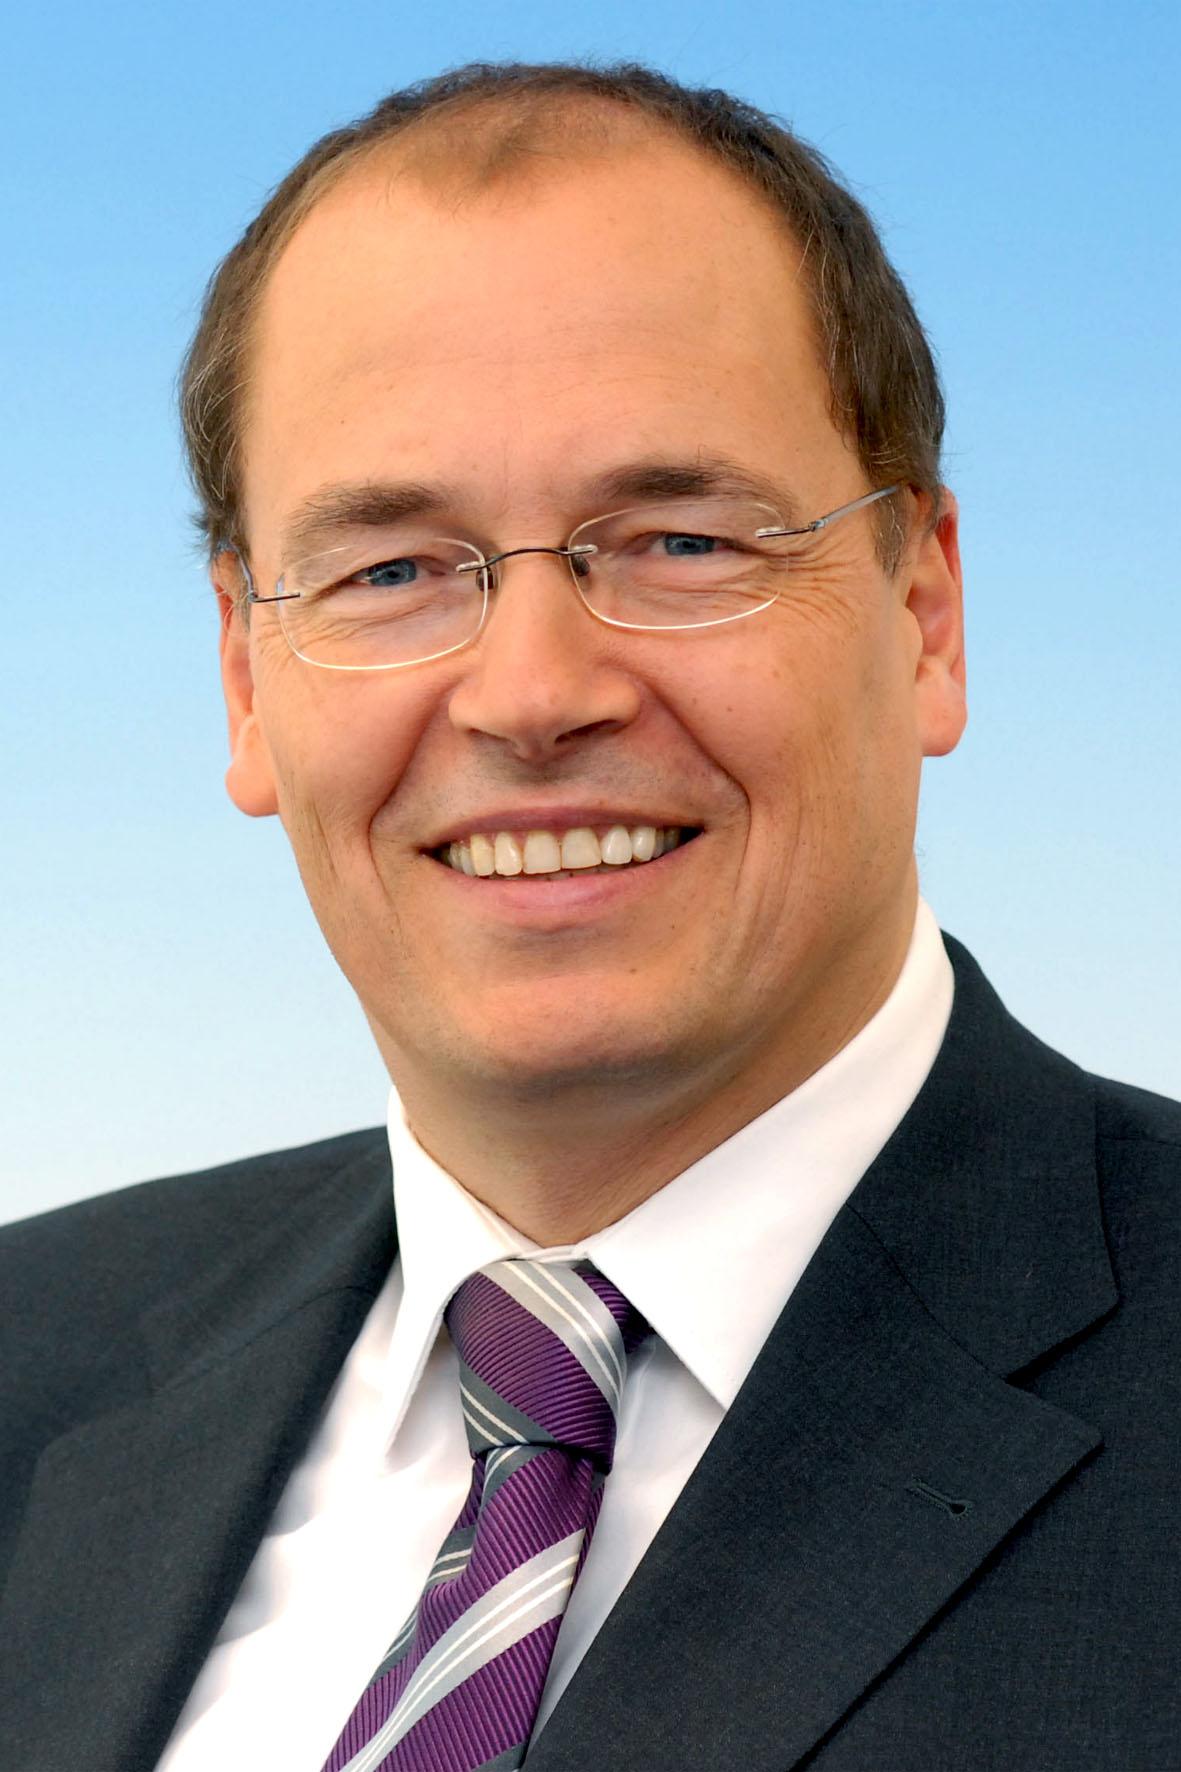 Peter Lenz - Lithium